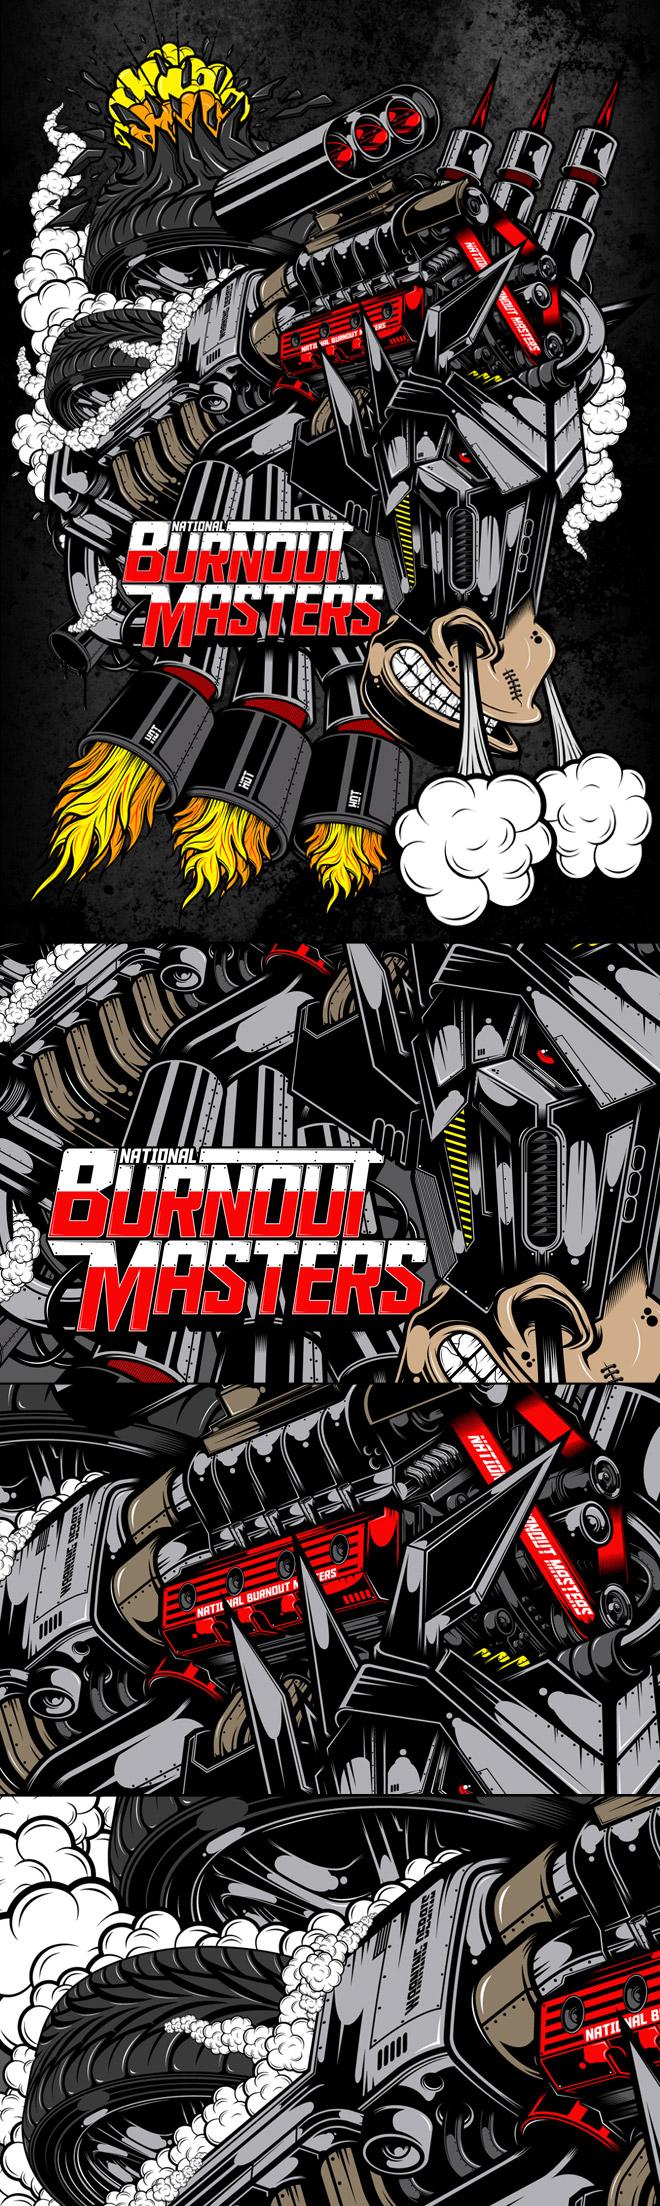 71-liquimollynationalburnoutmasters